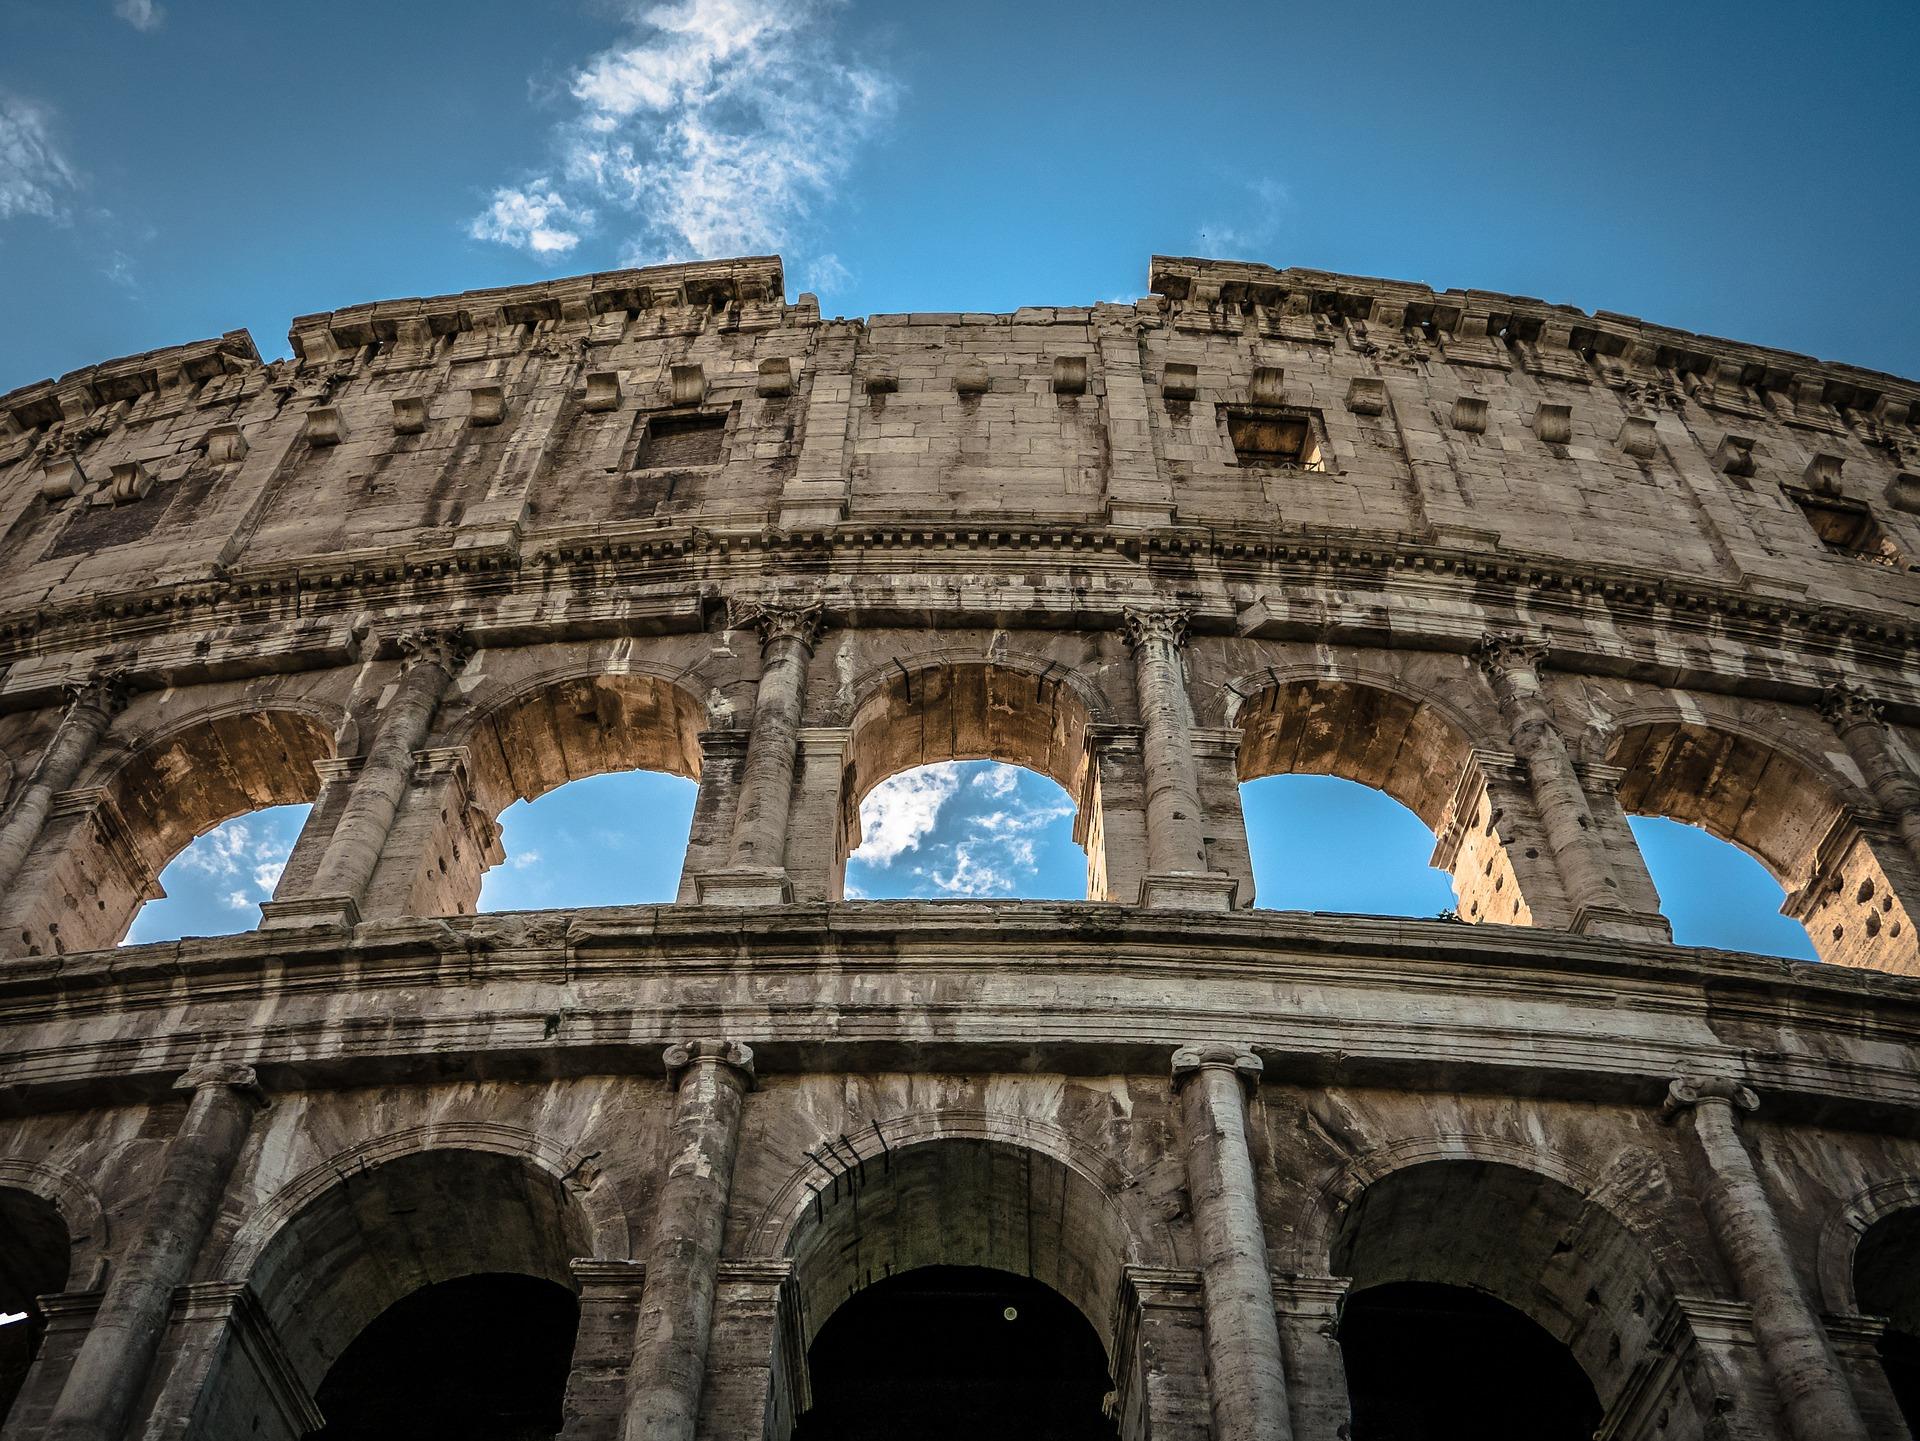 colosseo monumenti mostre gratis Luoghi storici più fotografati al mondo